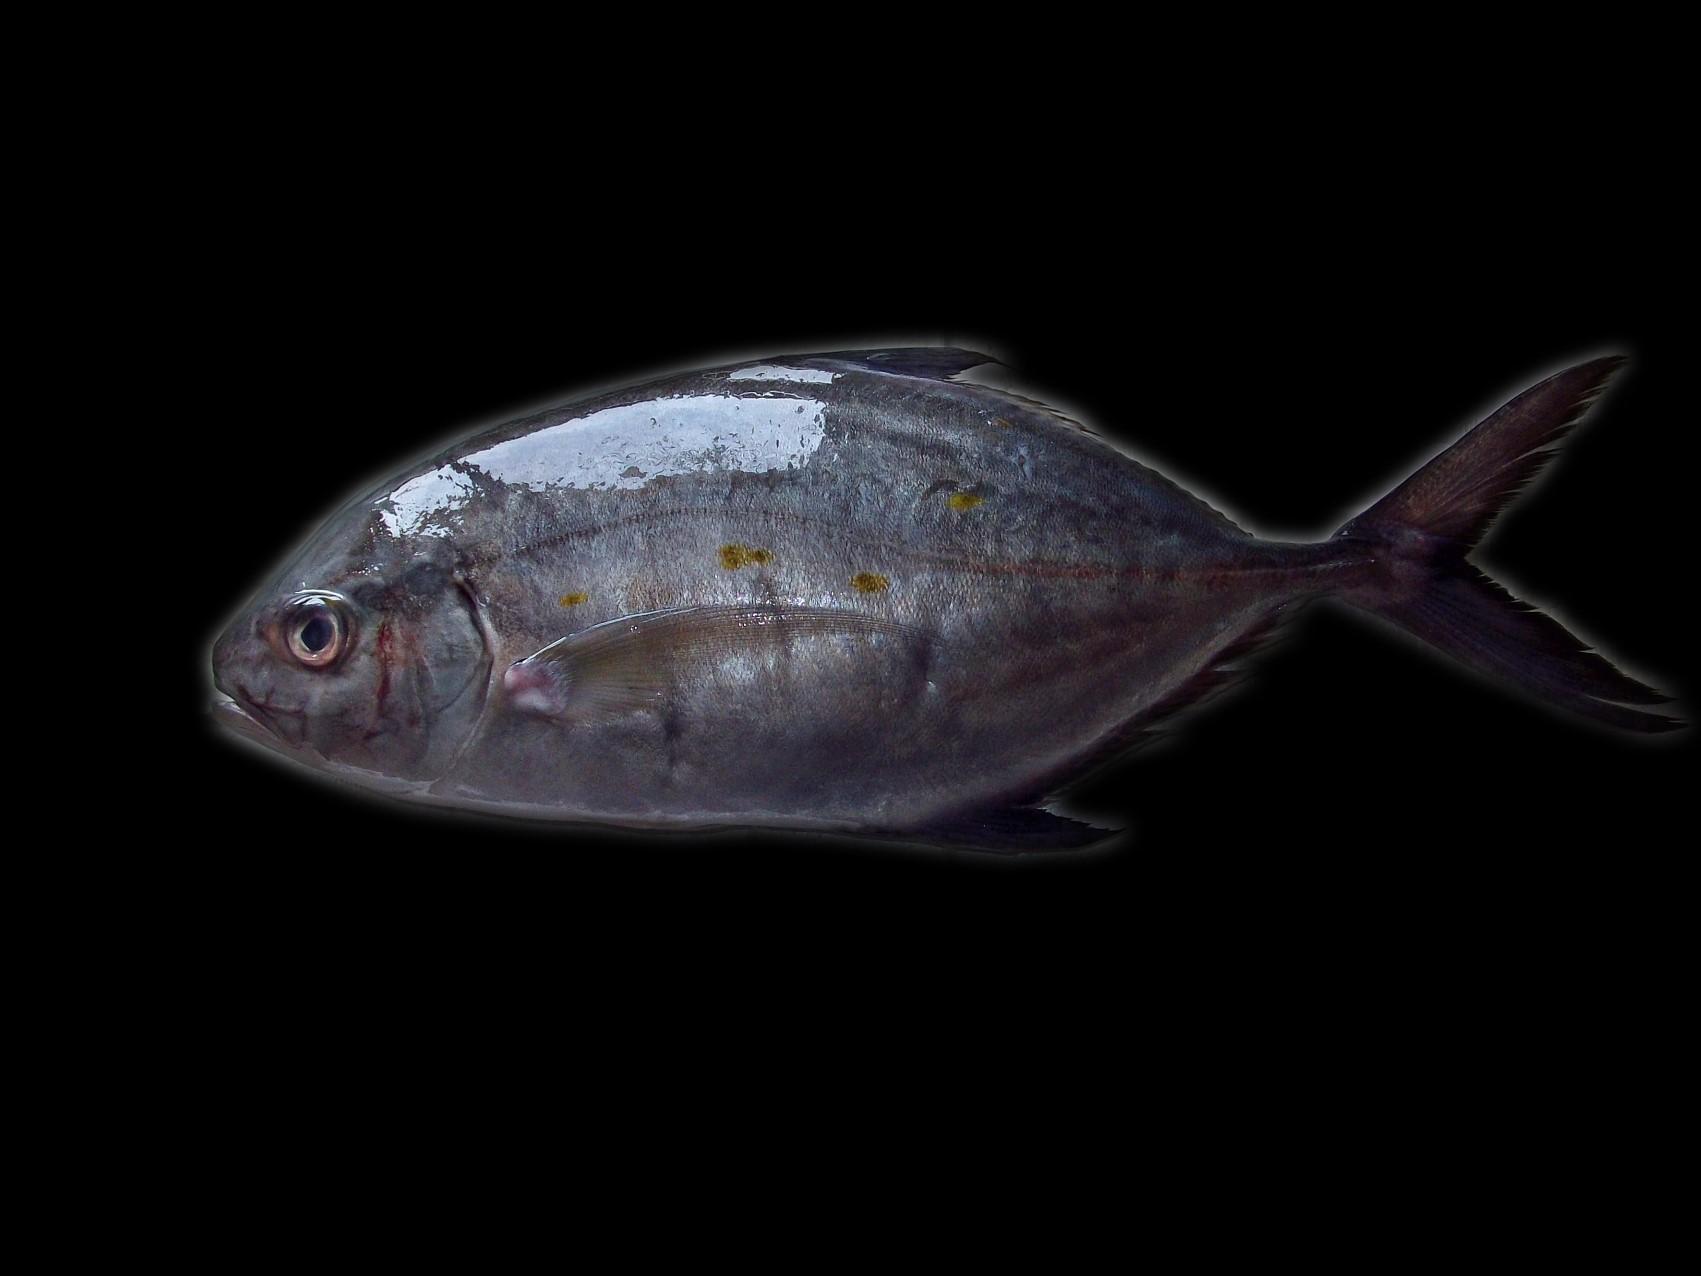 第197話|最近多いケーススタディ④「出世魚分析(隠れた宝石探し)」